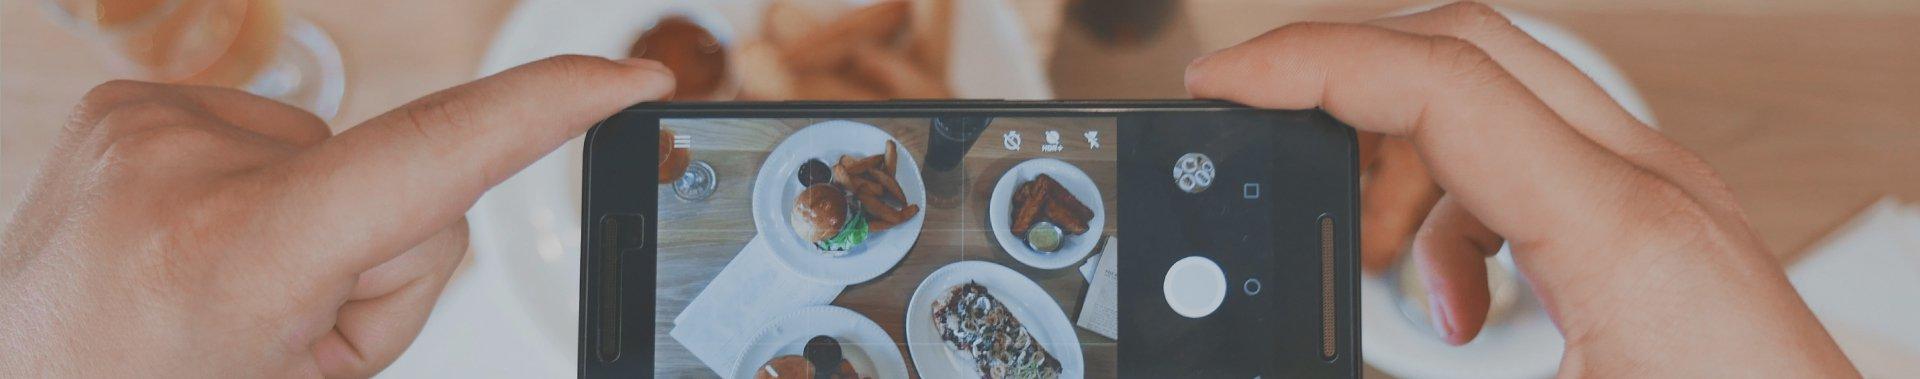 餐飲網誌橫圖